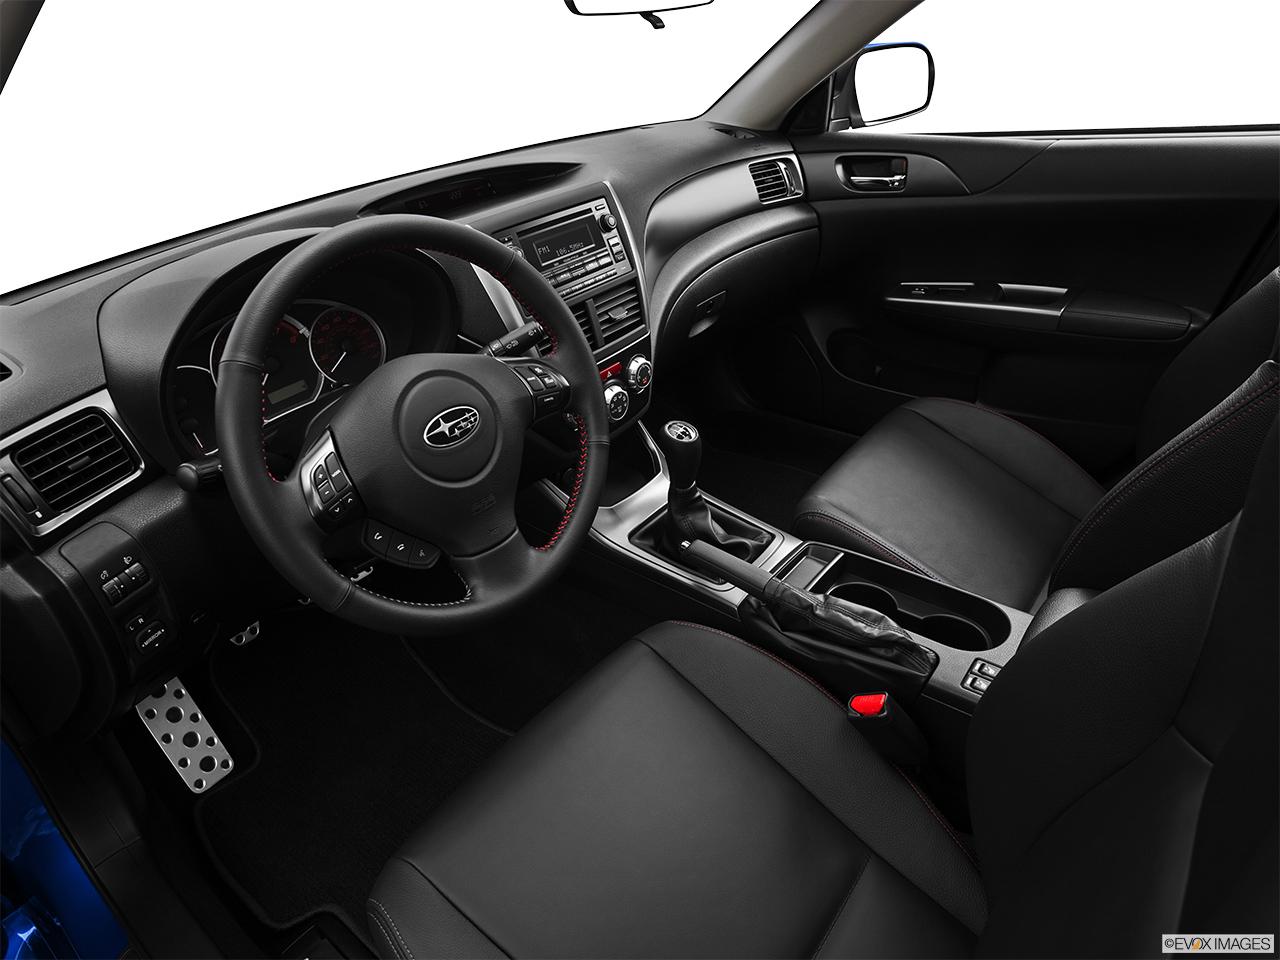 2014 Subaru Impreza Se...